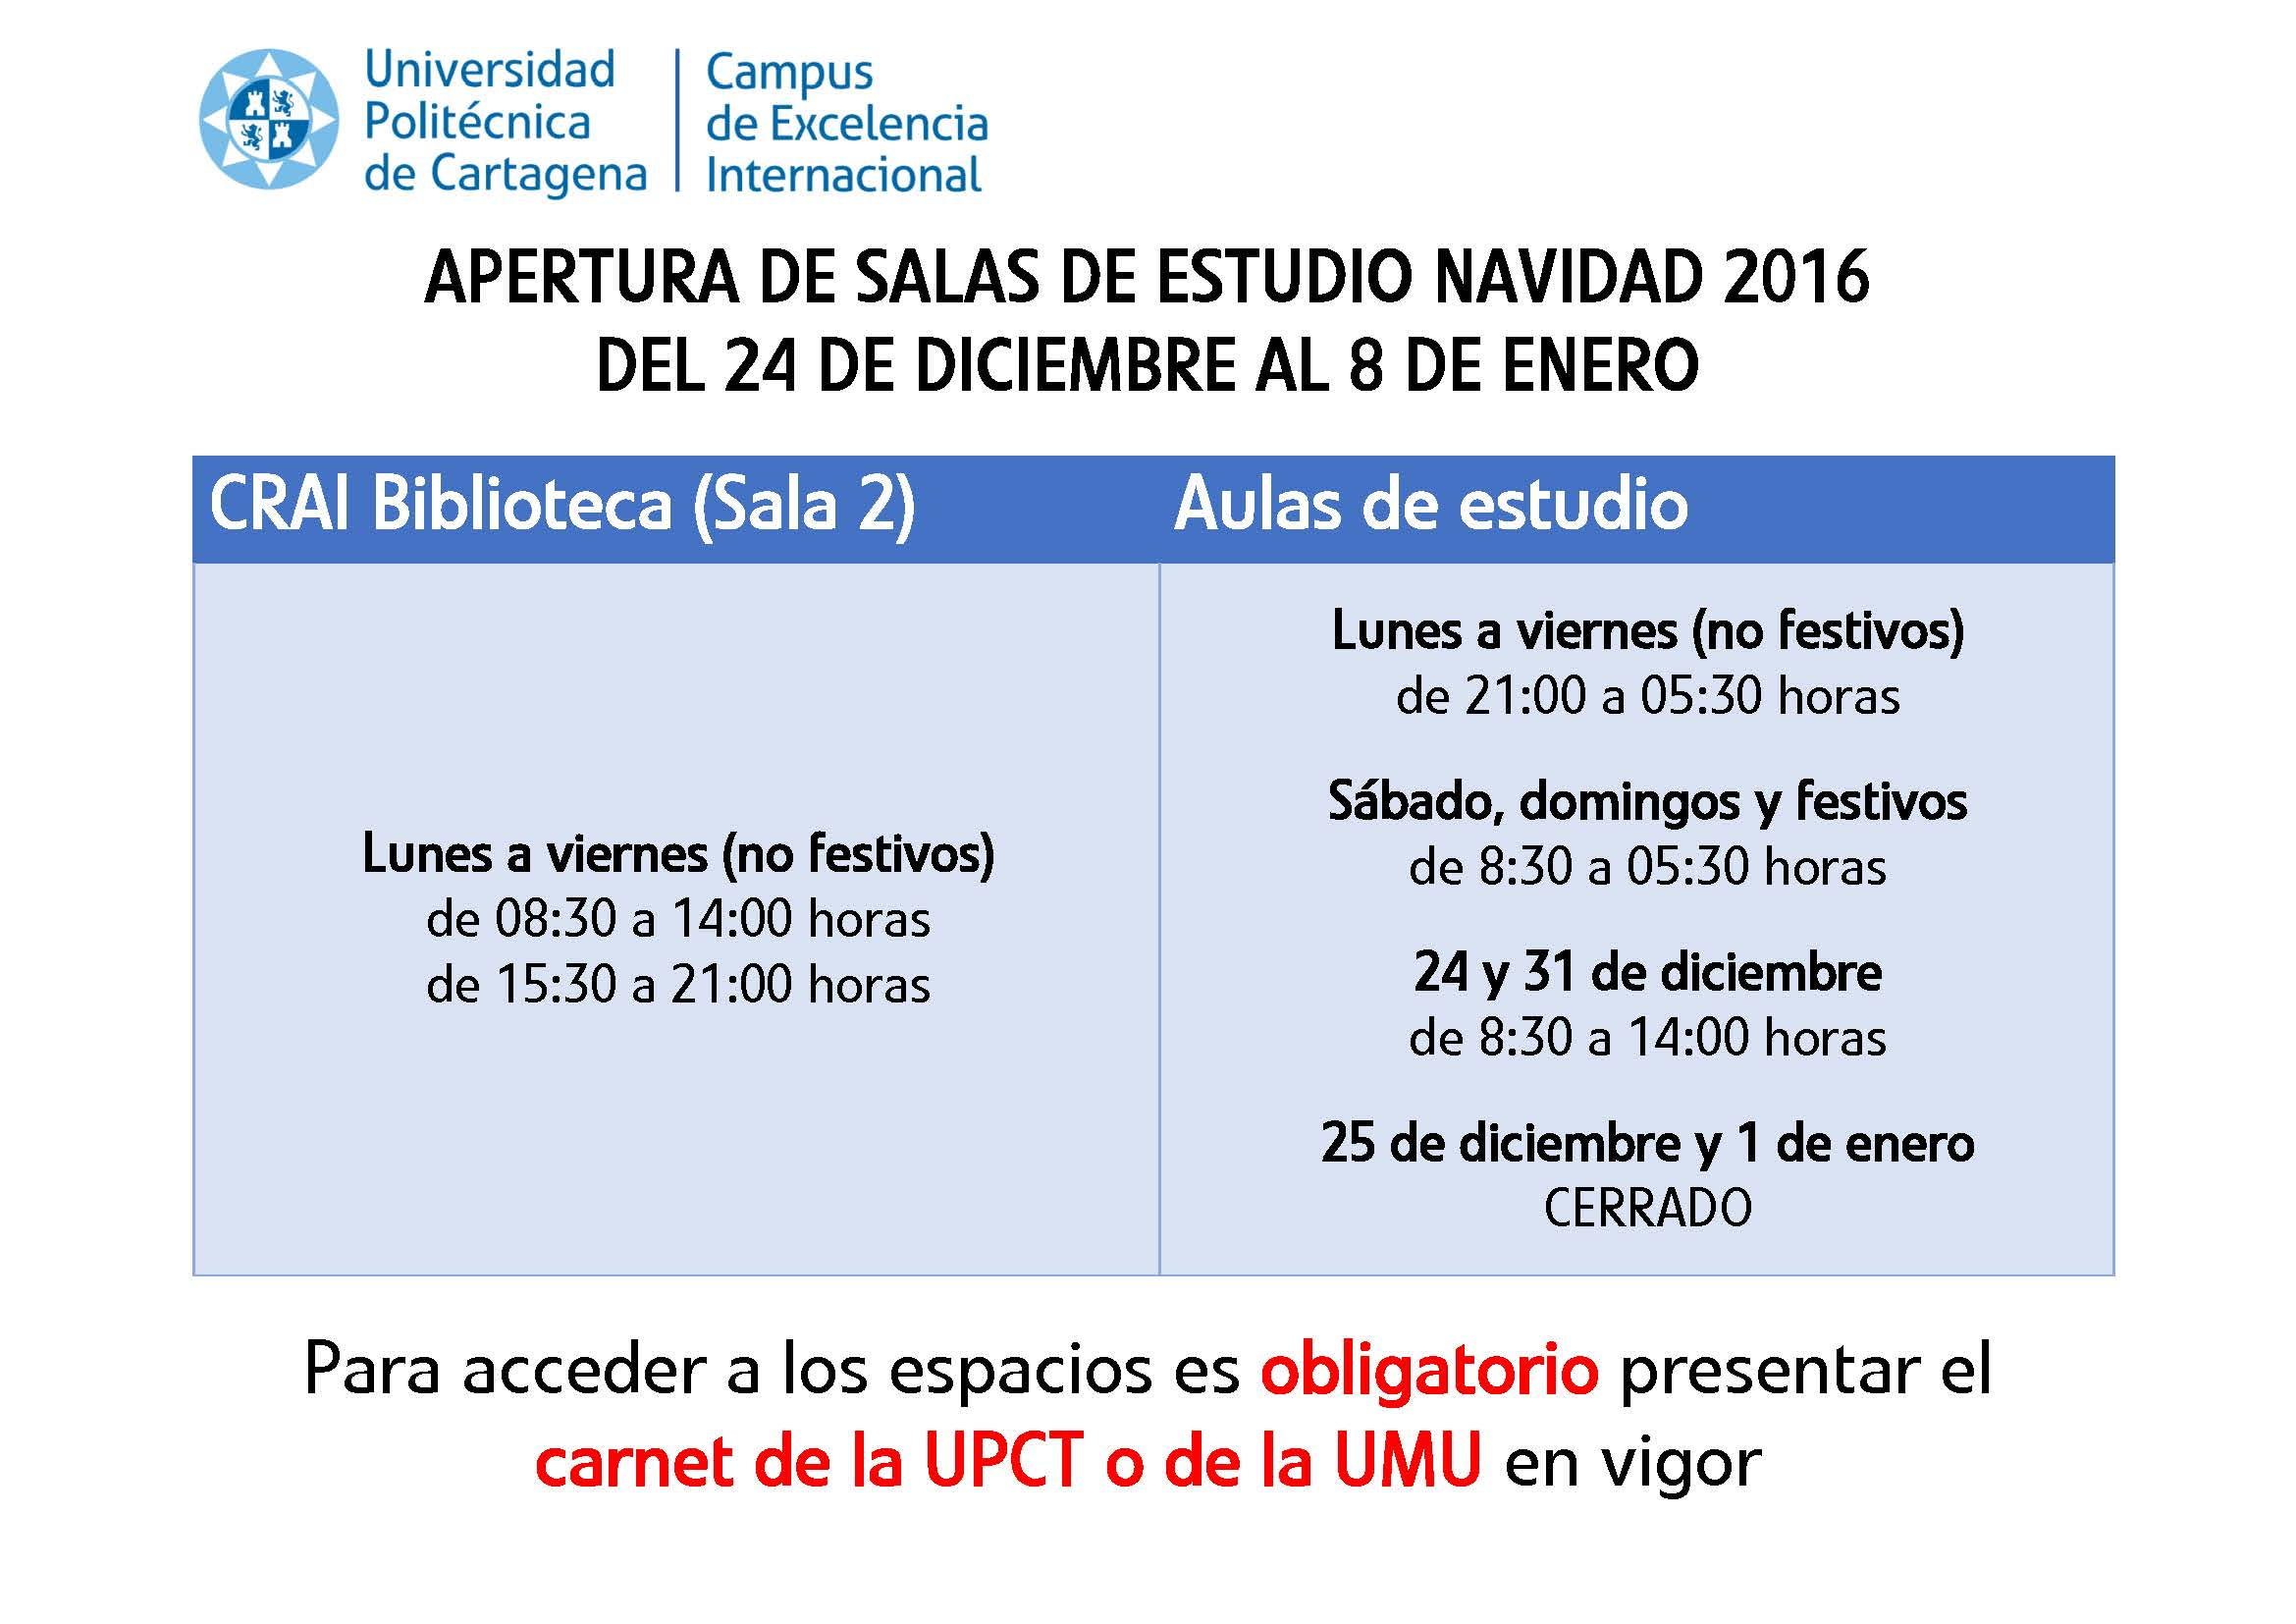 Calendario Salas De Estudio Navidad 2016